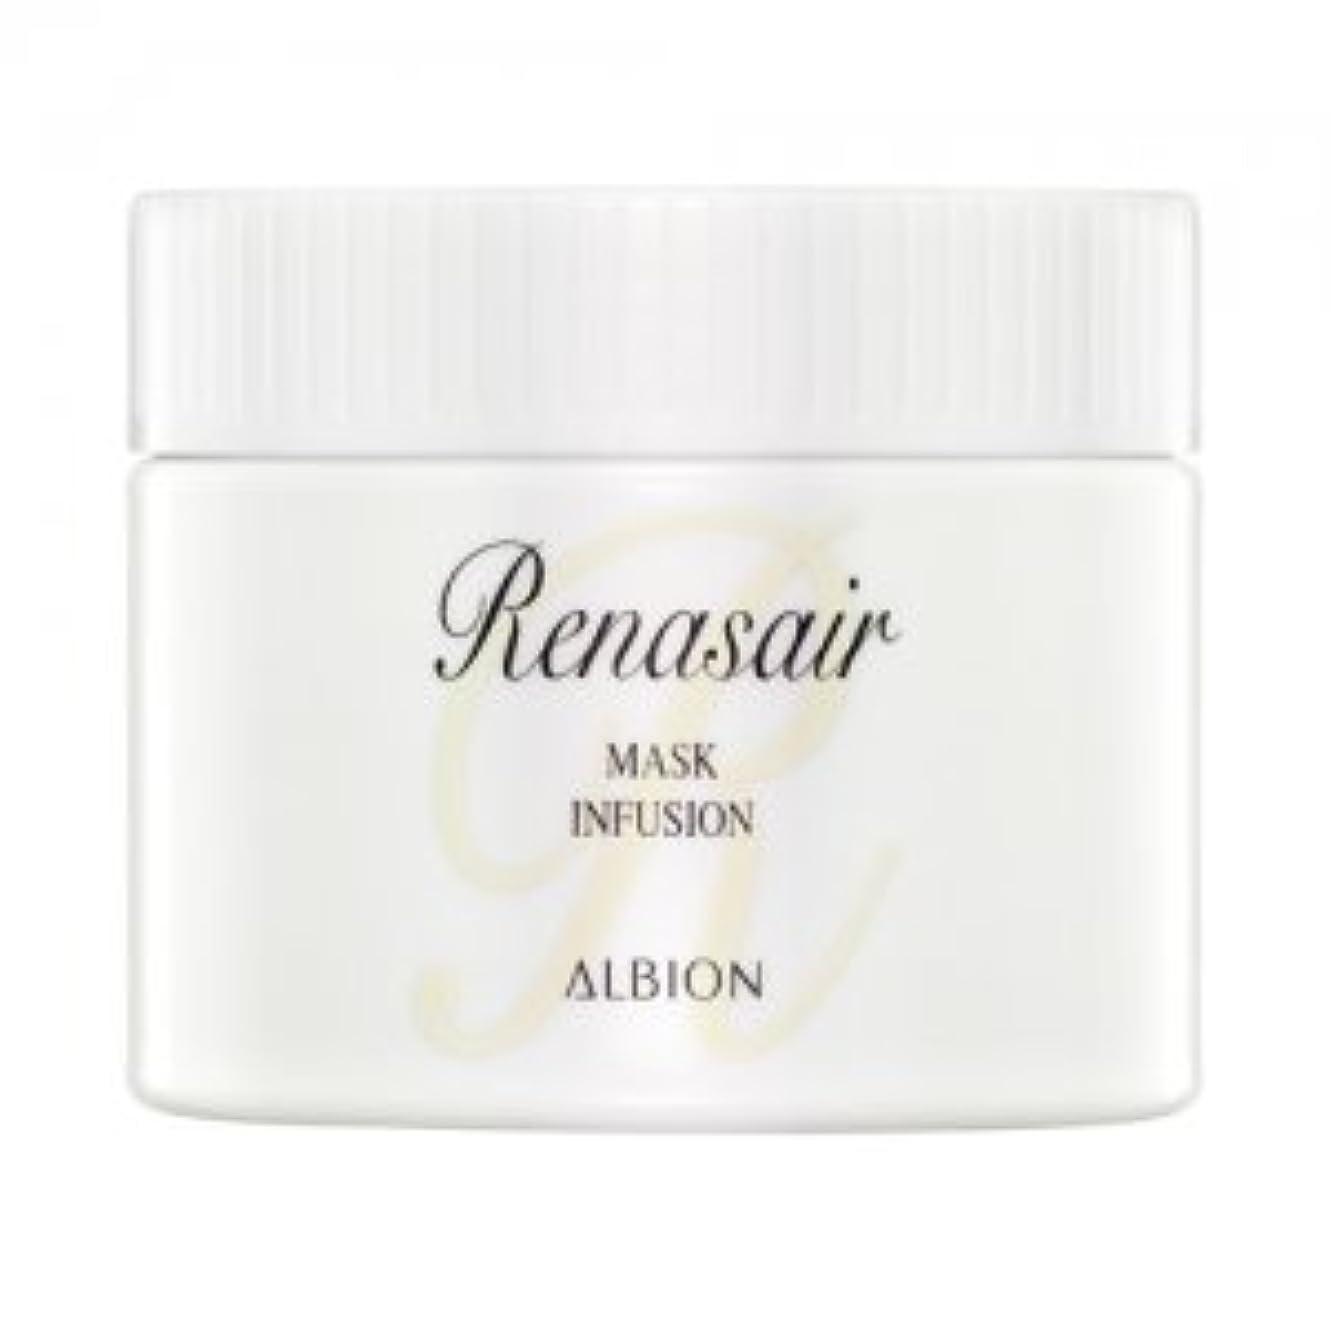 浸したスラッシュ余剰アルビオン RENASAIR ルネセア マスク インフュージョン  280g